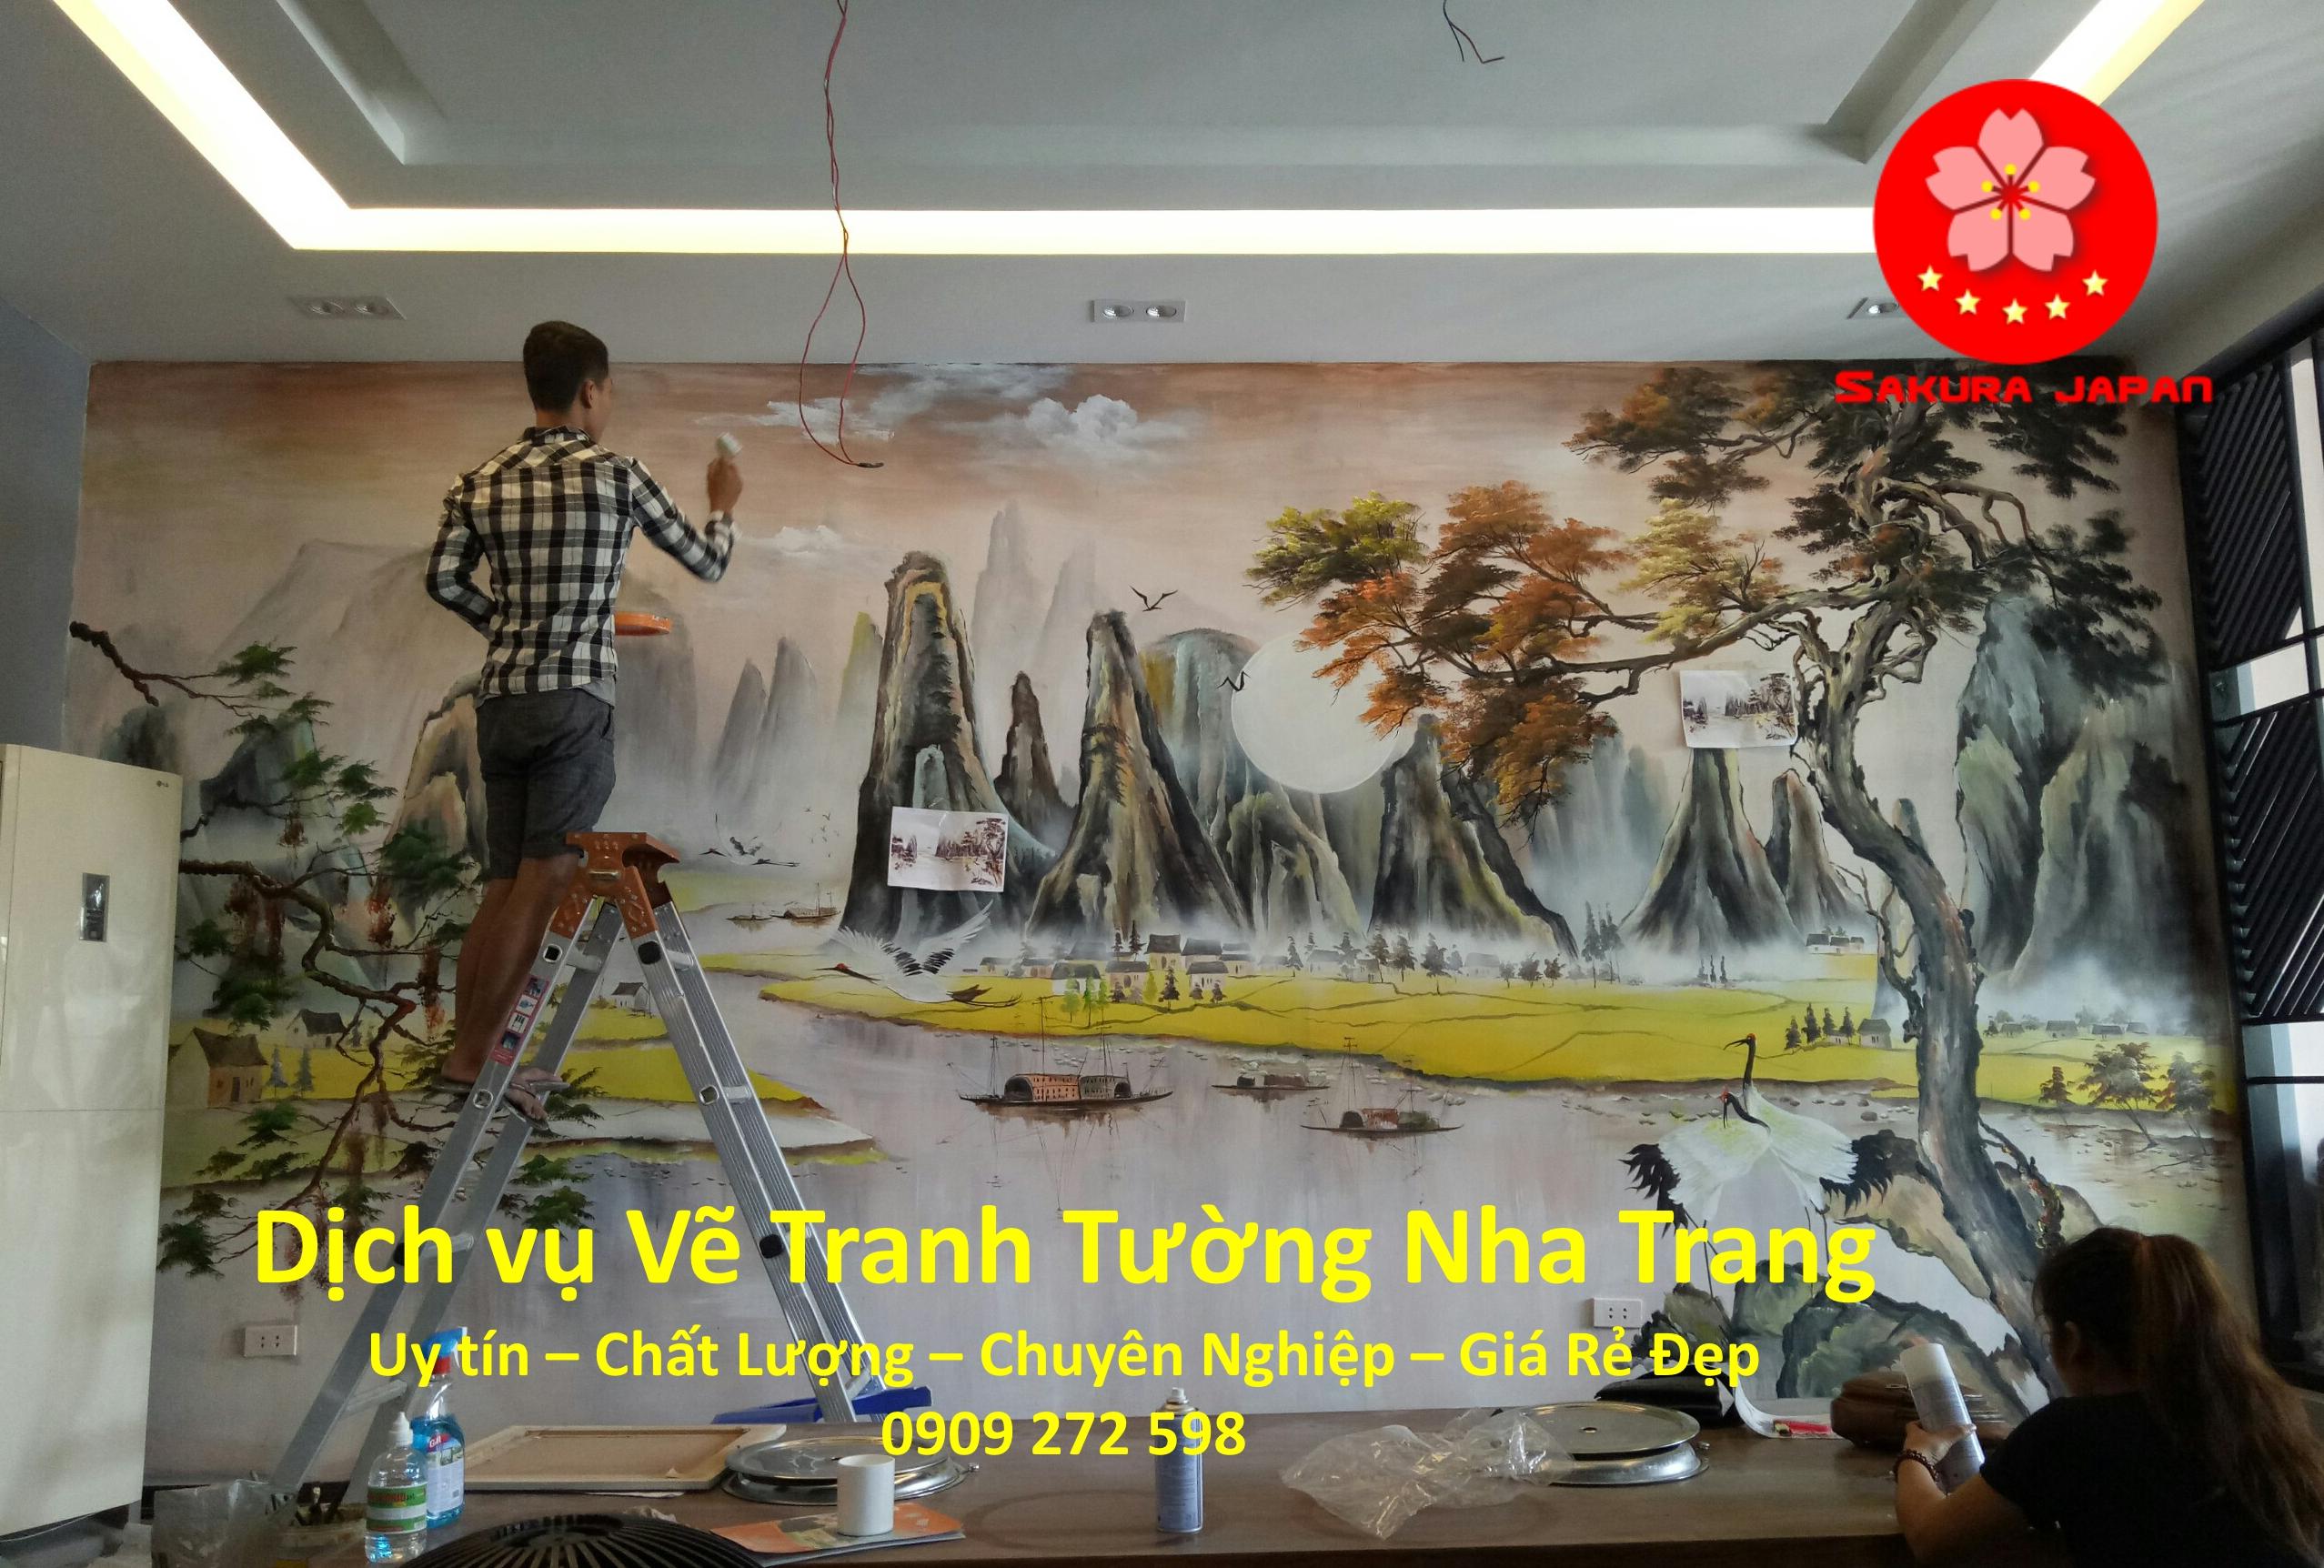 Dịch vụ Vẽ Tranh Tường Nha Trang Chuyên nghiệp Nhất Sakura